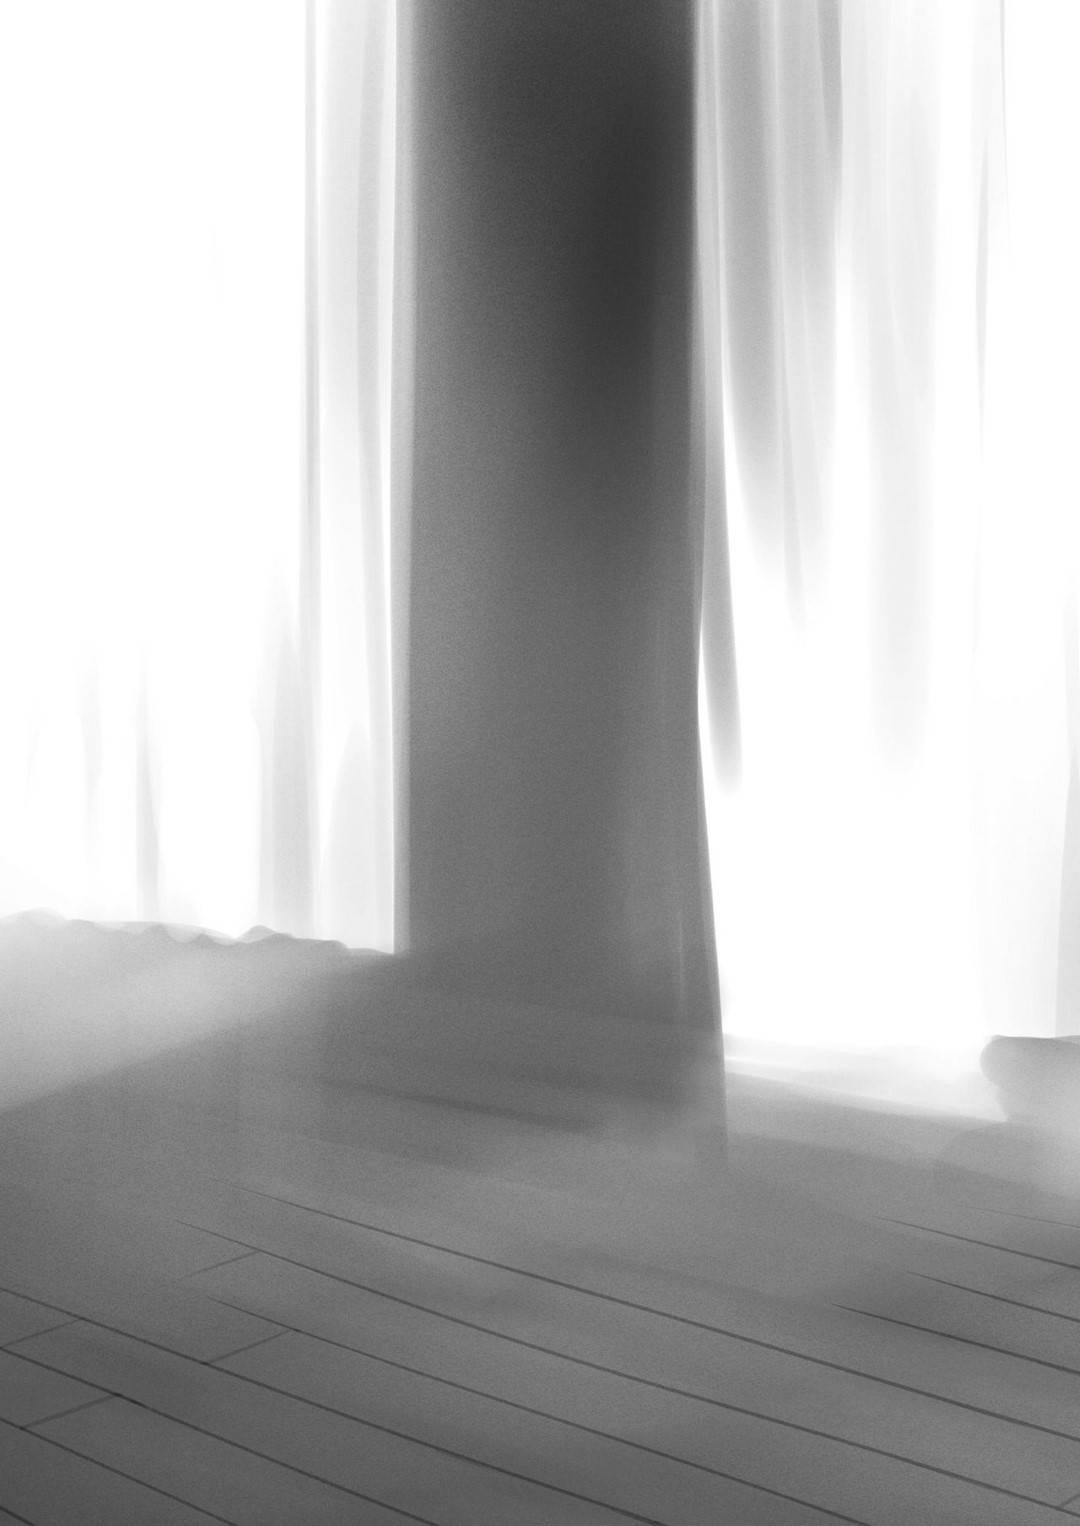 優しげな爆乳の人妻…実は他の男とも浮気していて過剰なトロ顔NTRセックスでビッチしちゃう!【大塚まひろ:倉田有稀子の告白2】